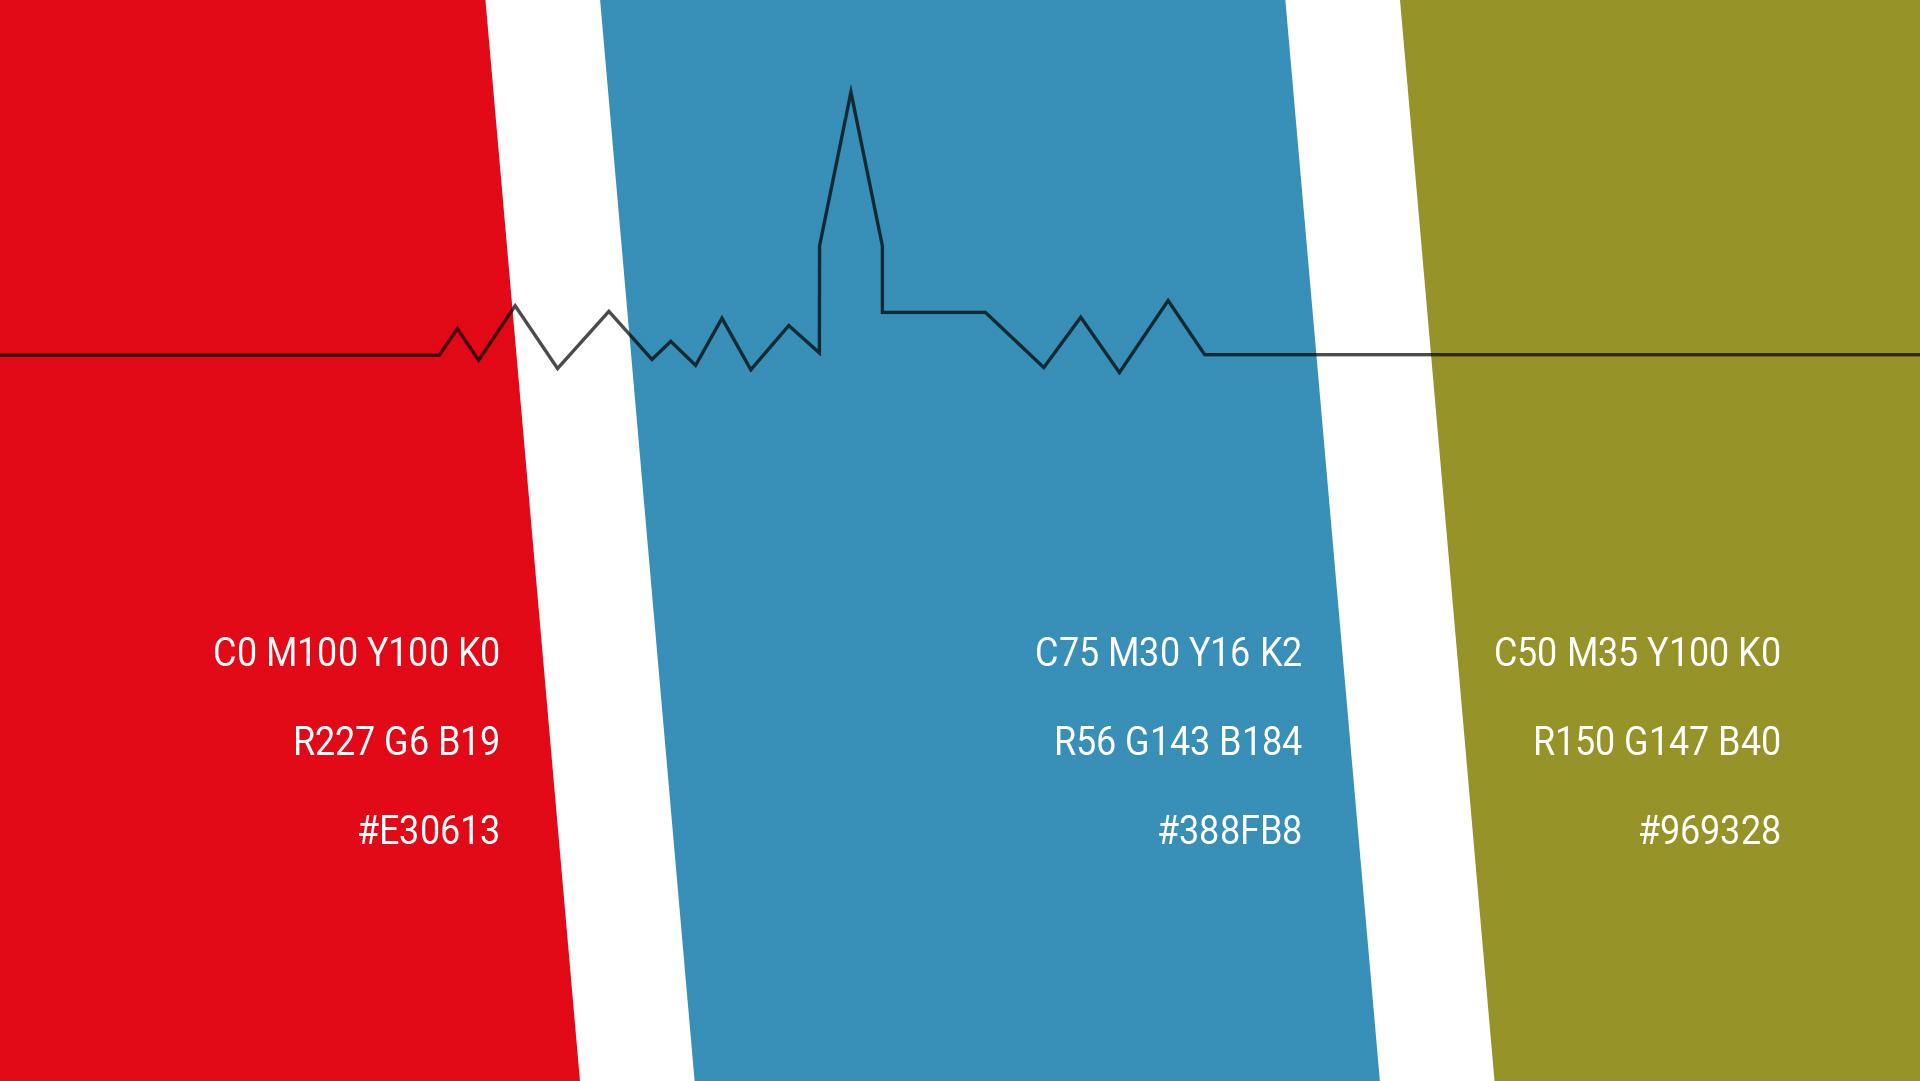 drei Farbbalken der Hausfarben Rot, Blau und Grün des Ärztehaus Lauenburg